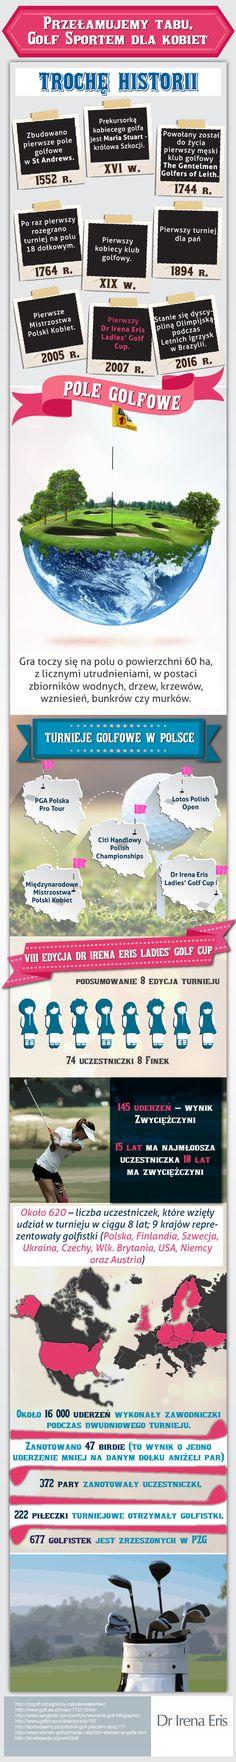 Przełamujemy tabu, golf sportem dla kobiet!